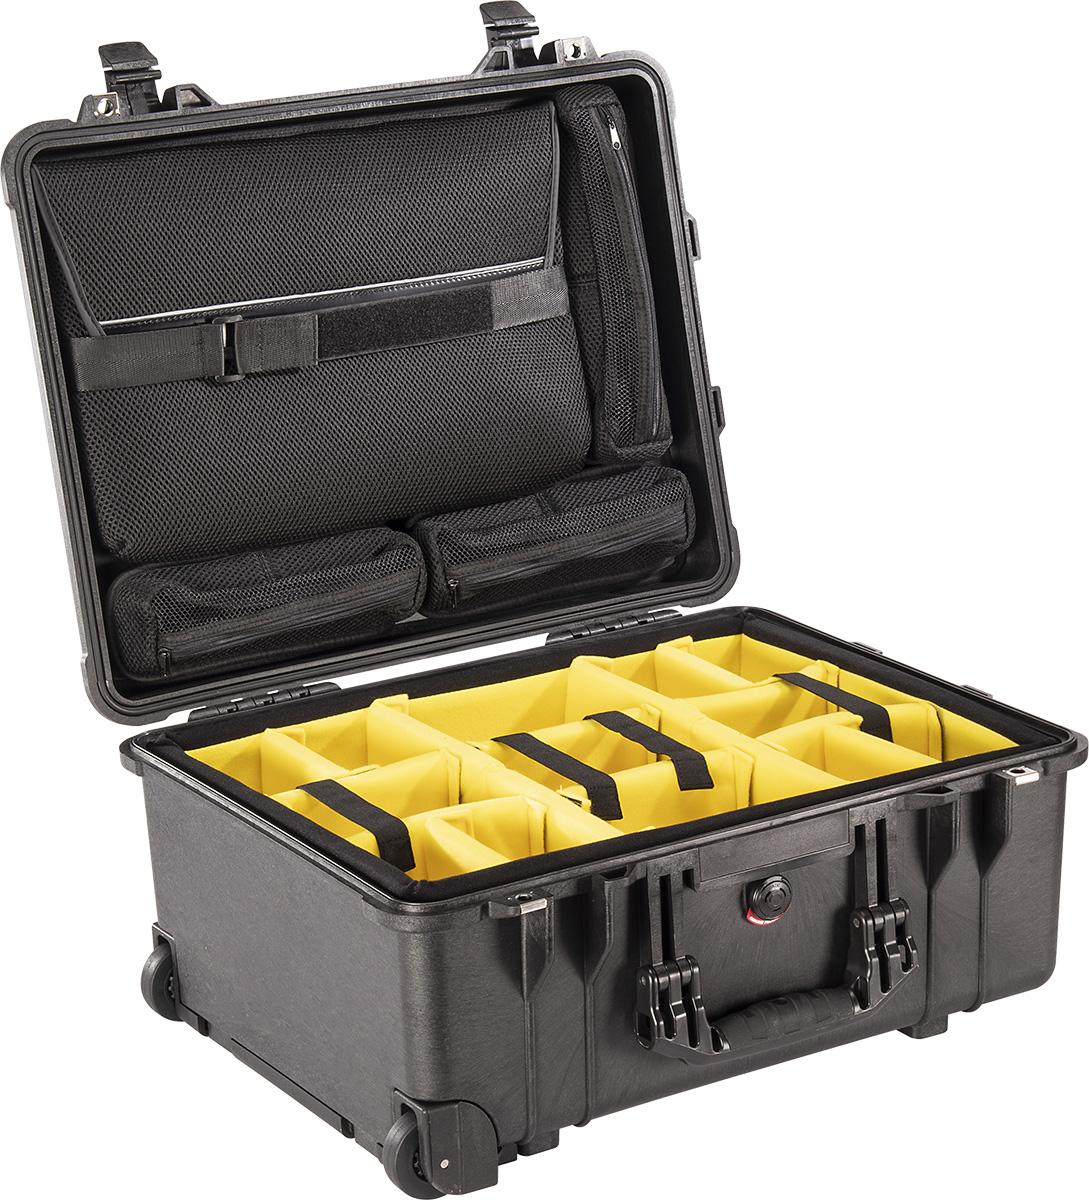 pelican peli products 1560SC protographer camera lens case